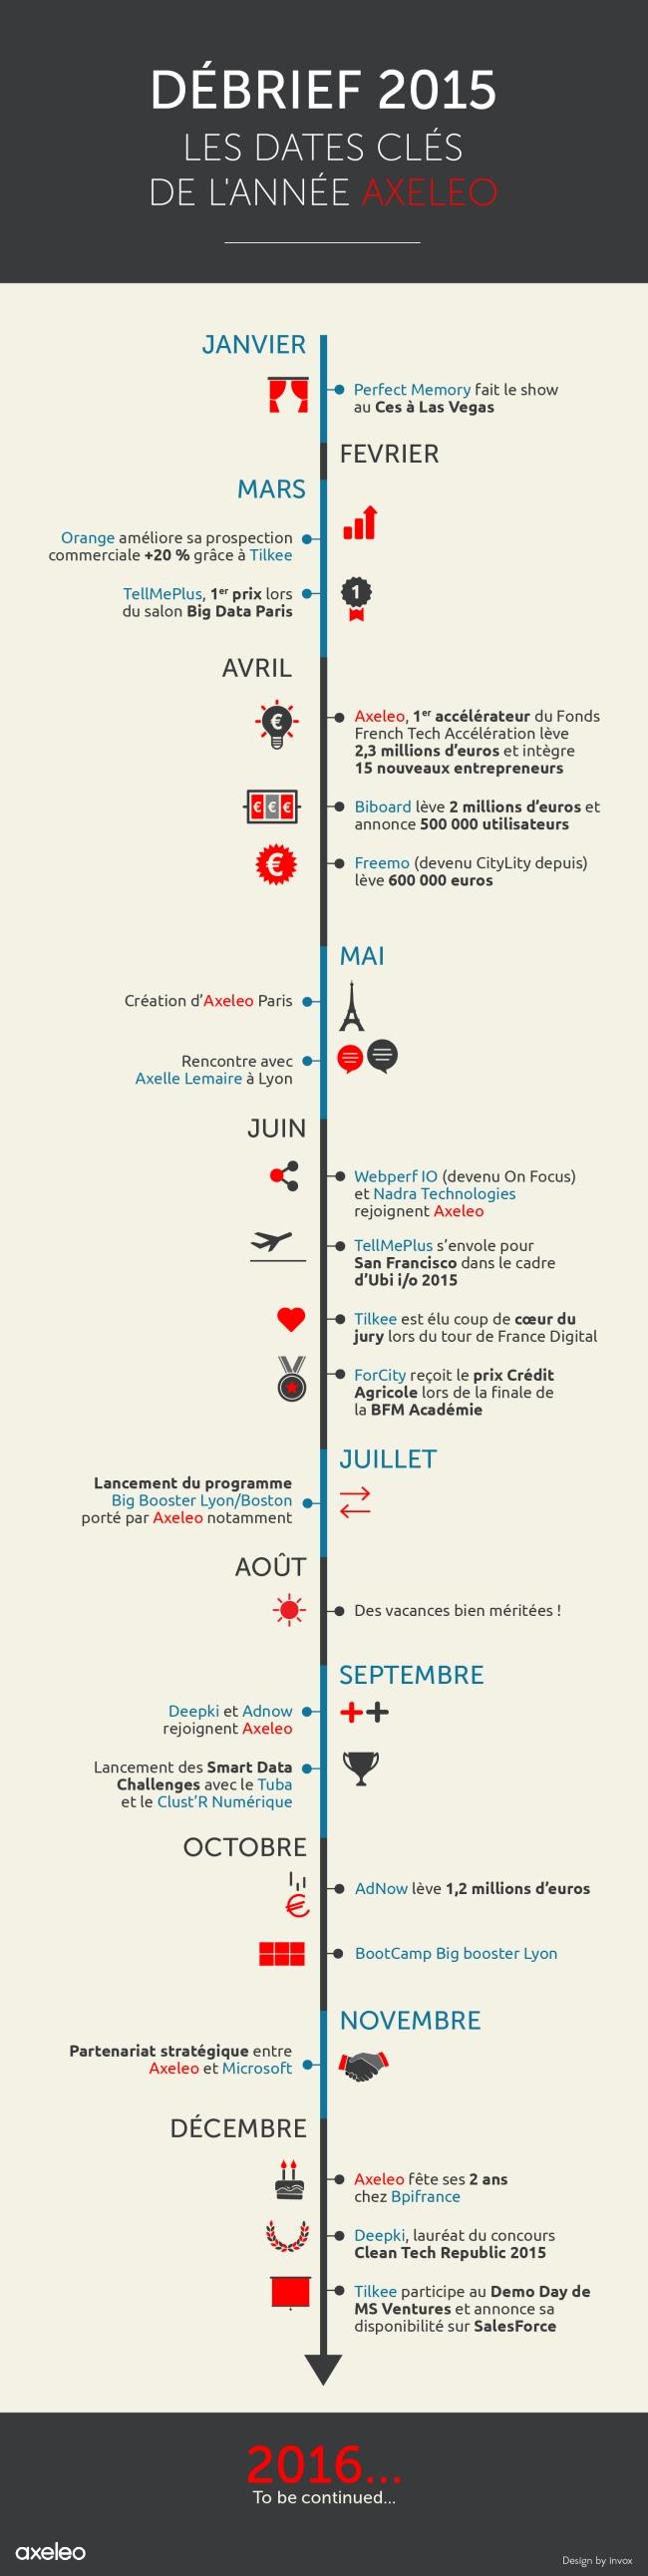 [Infographie] Debrief 2015 - Les dates clés de l'année Axeleo